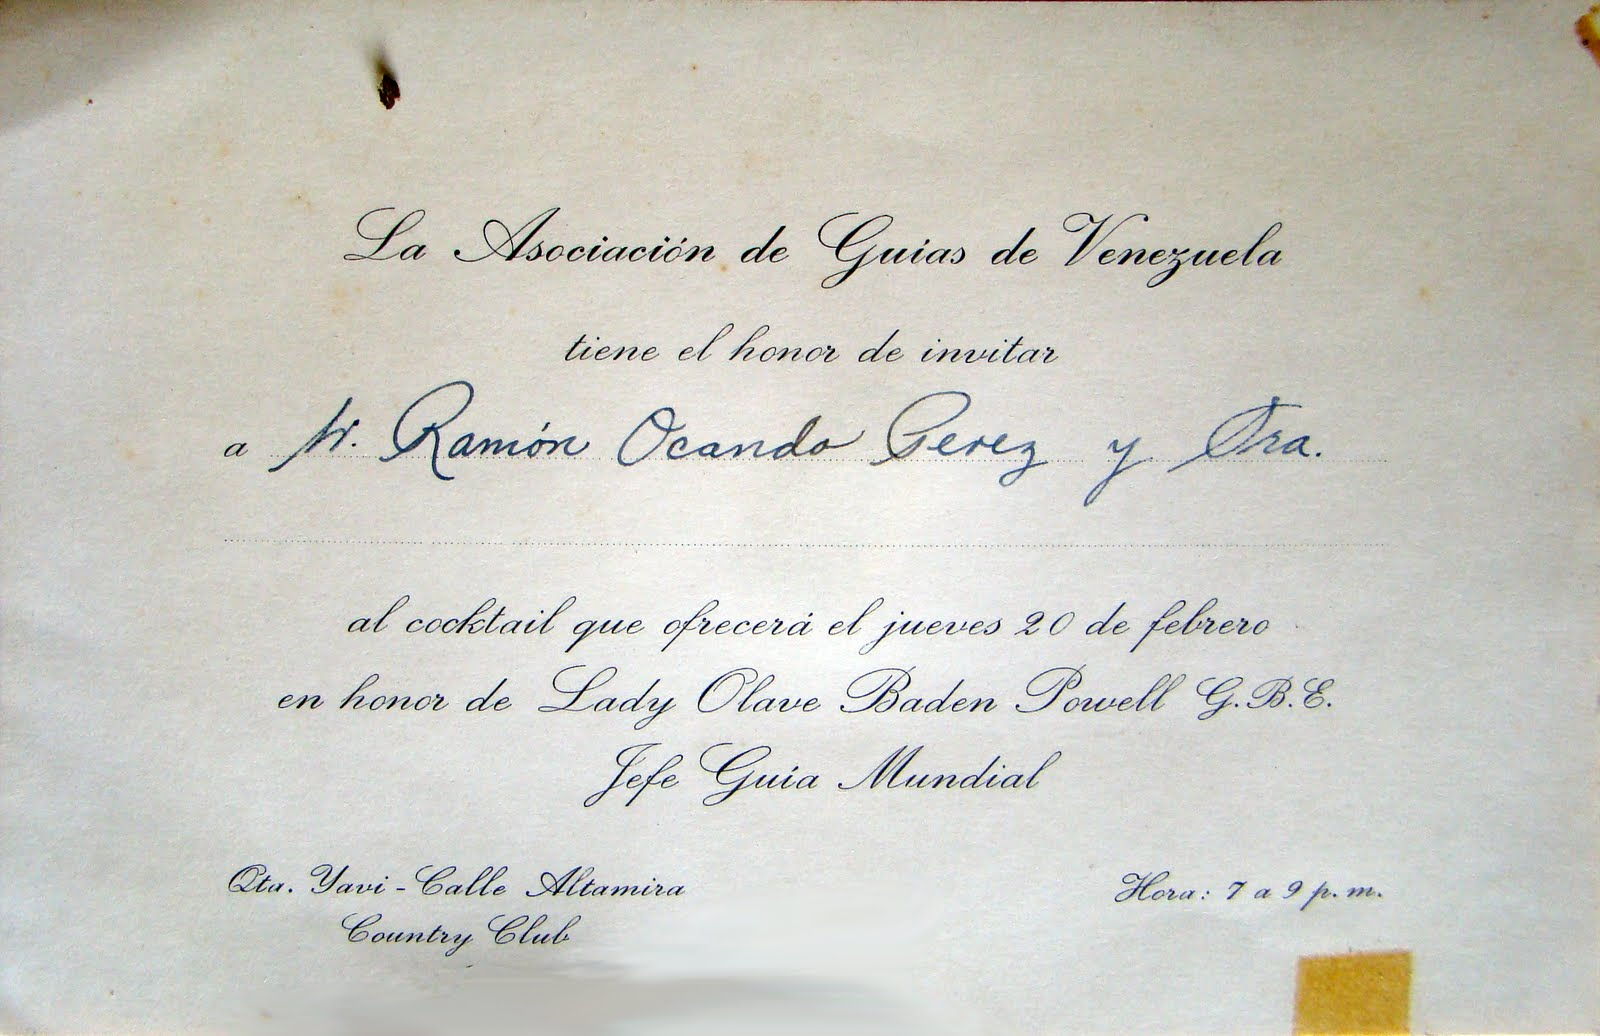 Museo Virtual Scouts Venezuela Tarjeta De Invitación Para